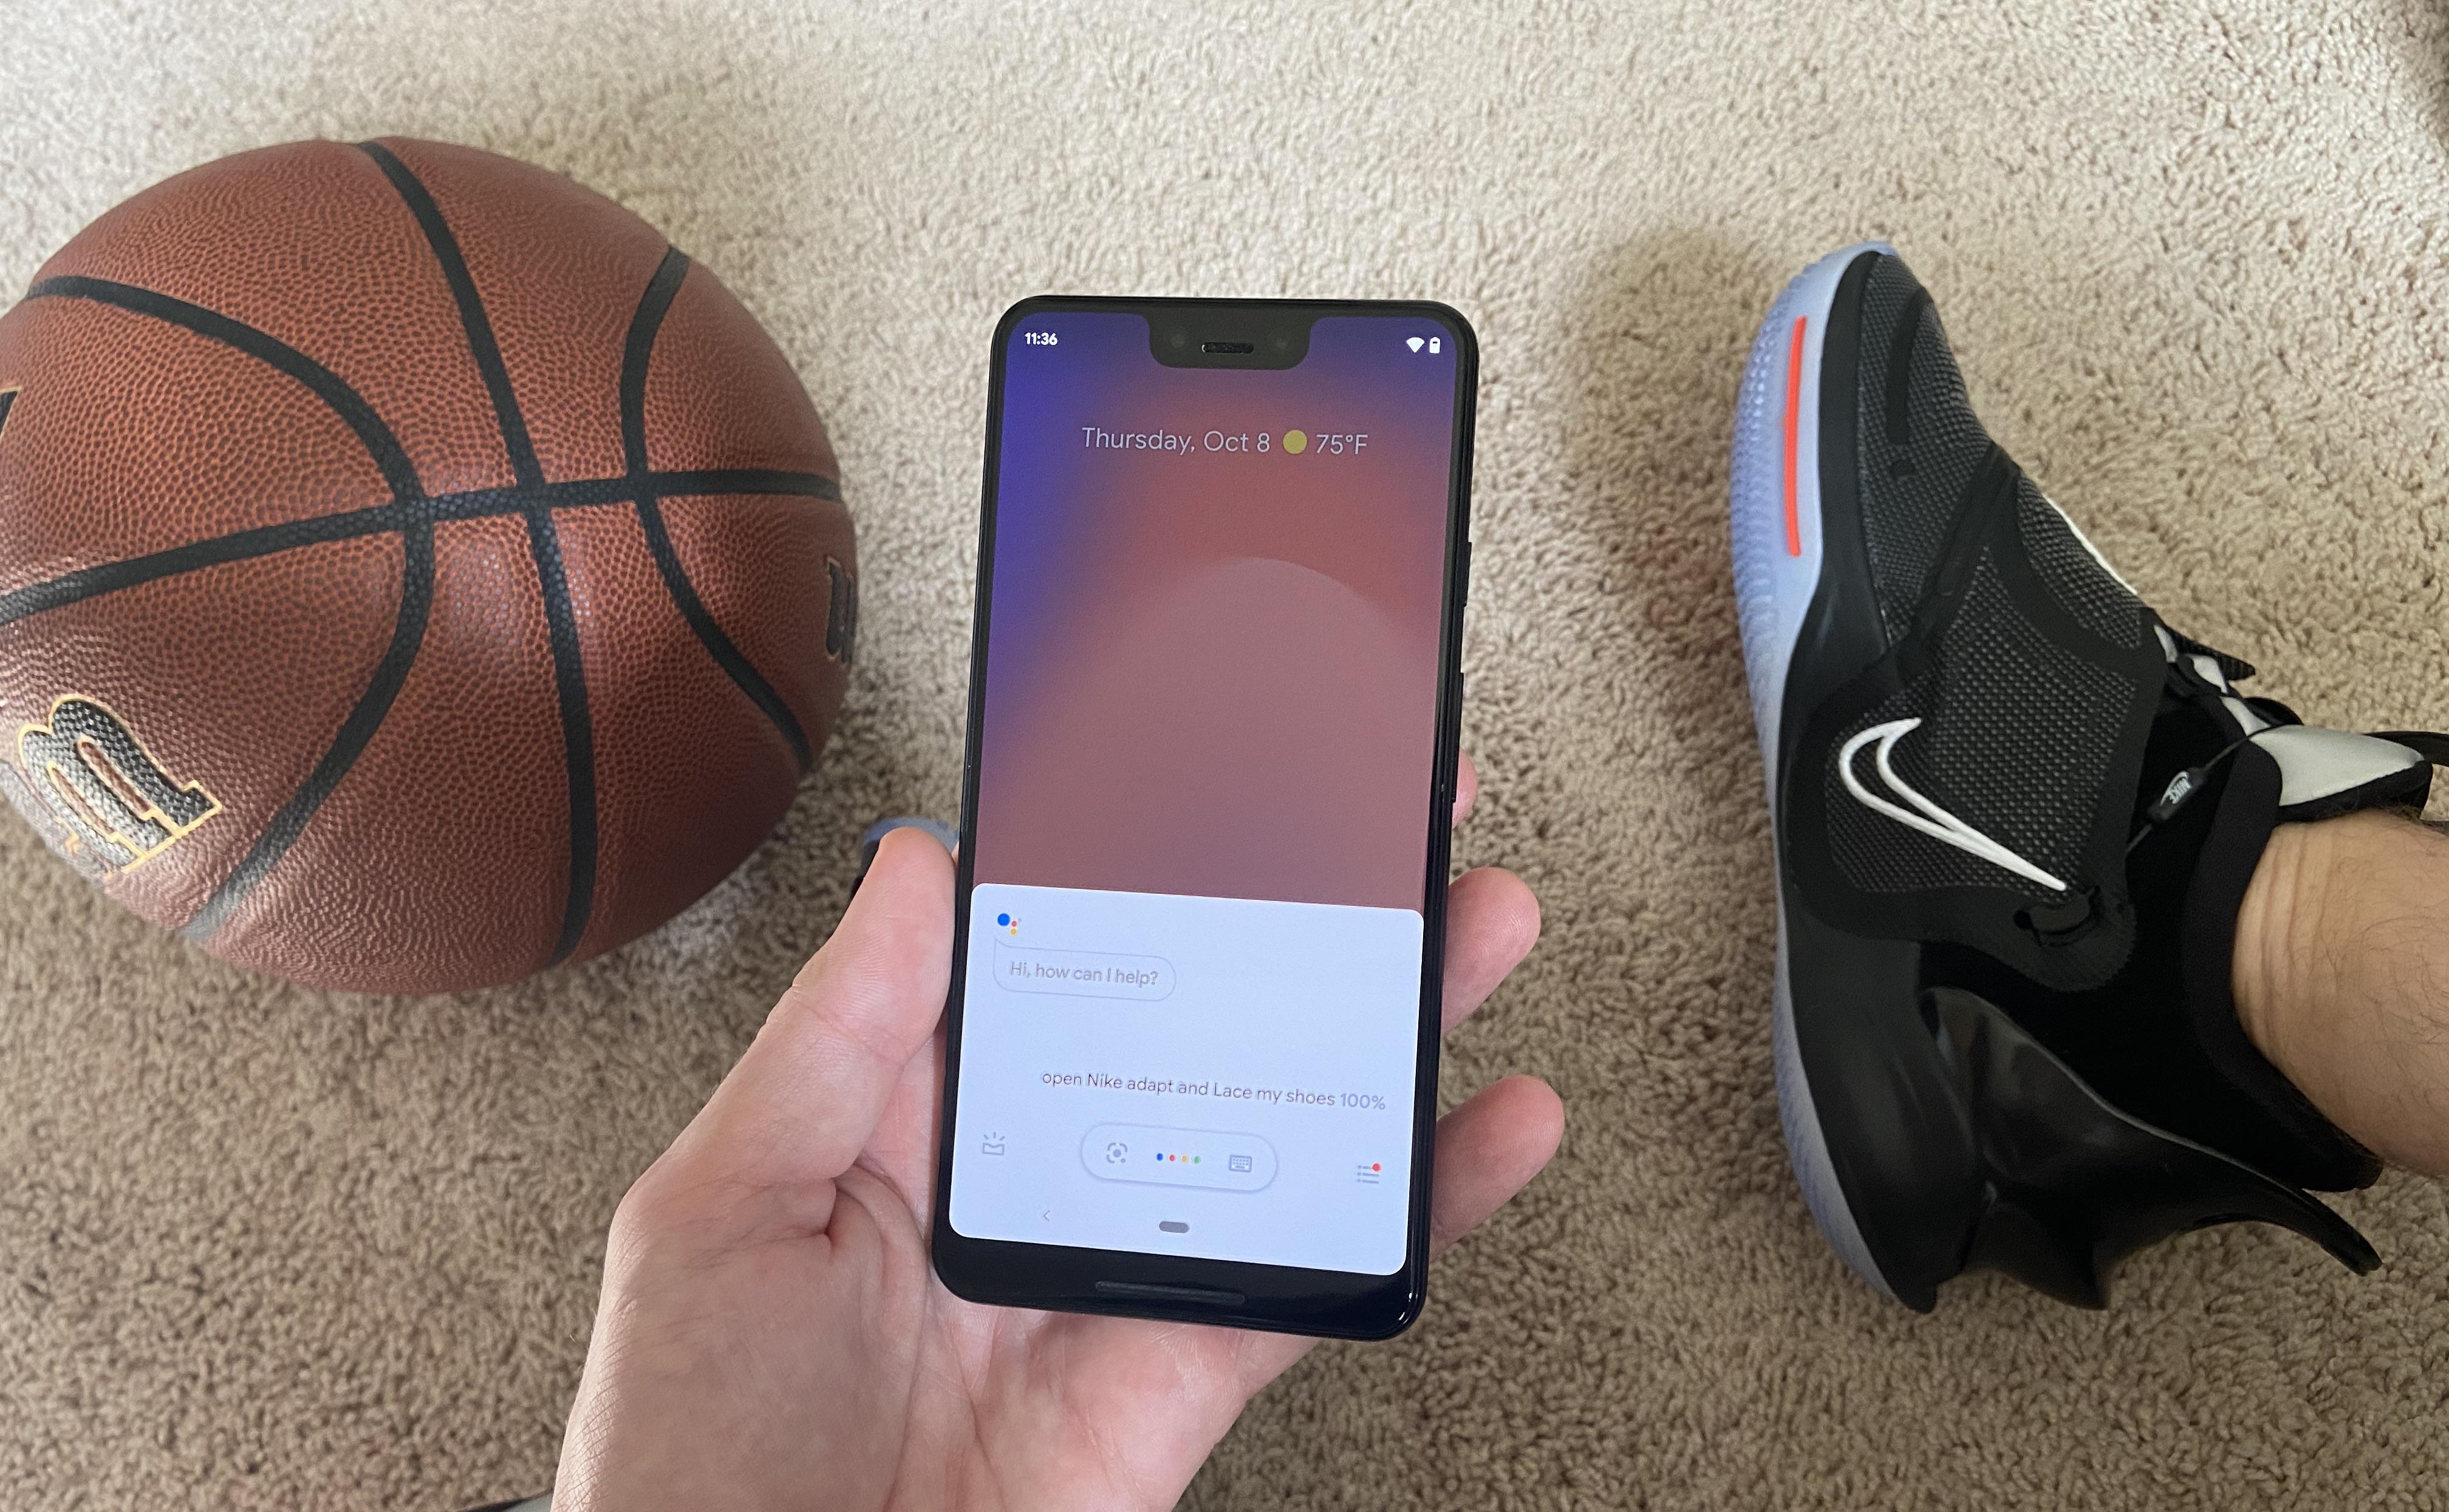 يمكن لـ Google Assistant الآن ربط حذائك - إذا كان لديك Nike Adapt [Video] -9to5Google